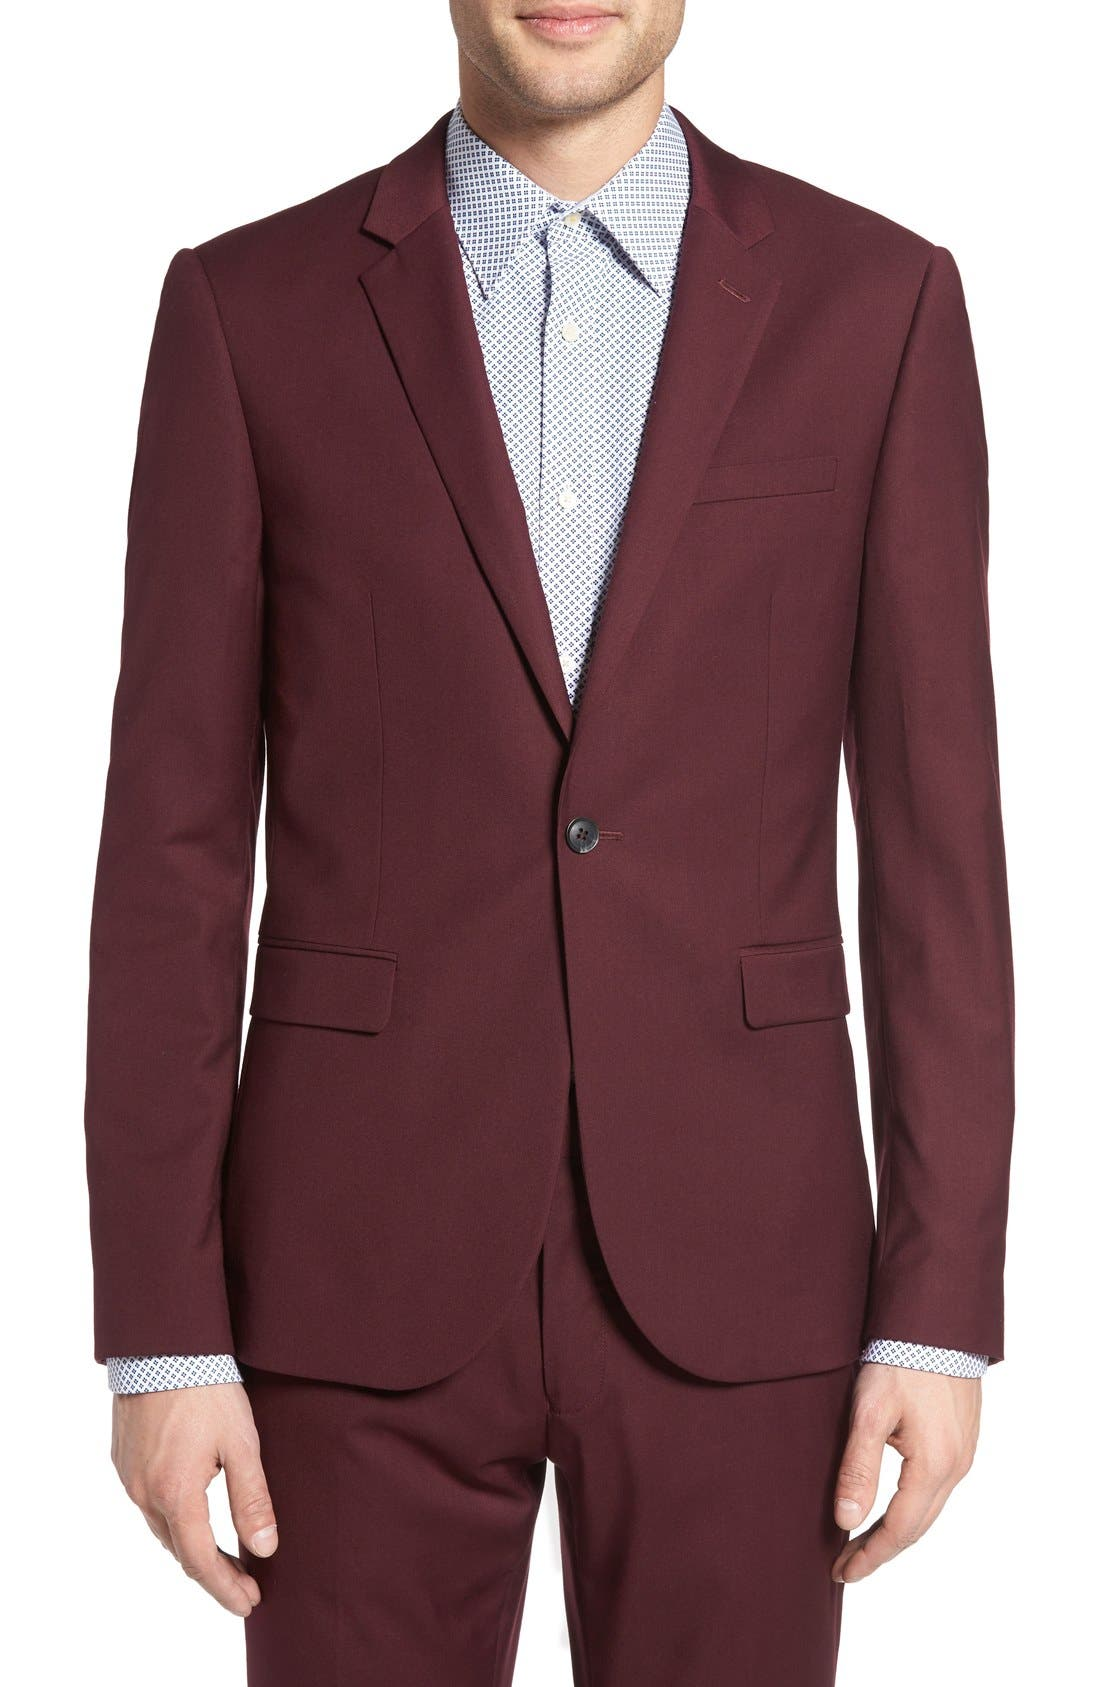 Burgundy Slim Fit Suit Jacket, Main, color, 930